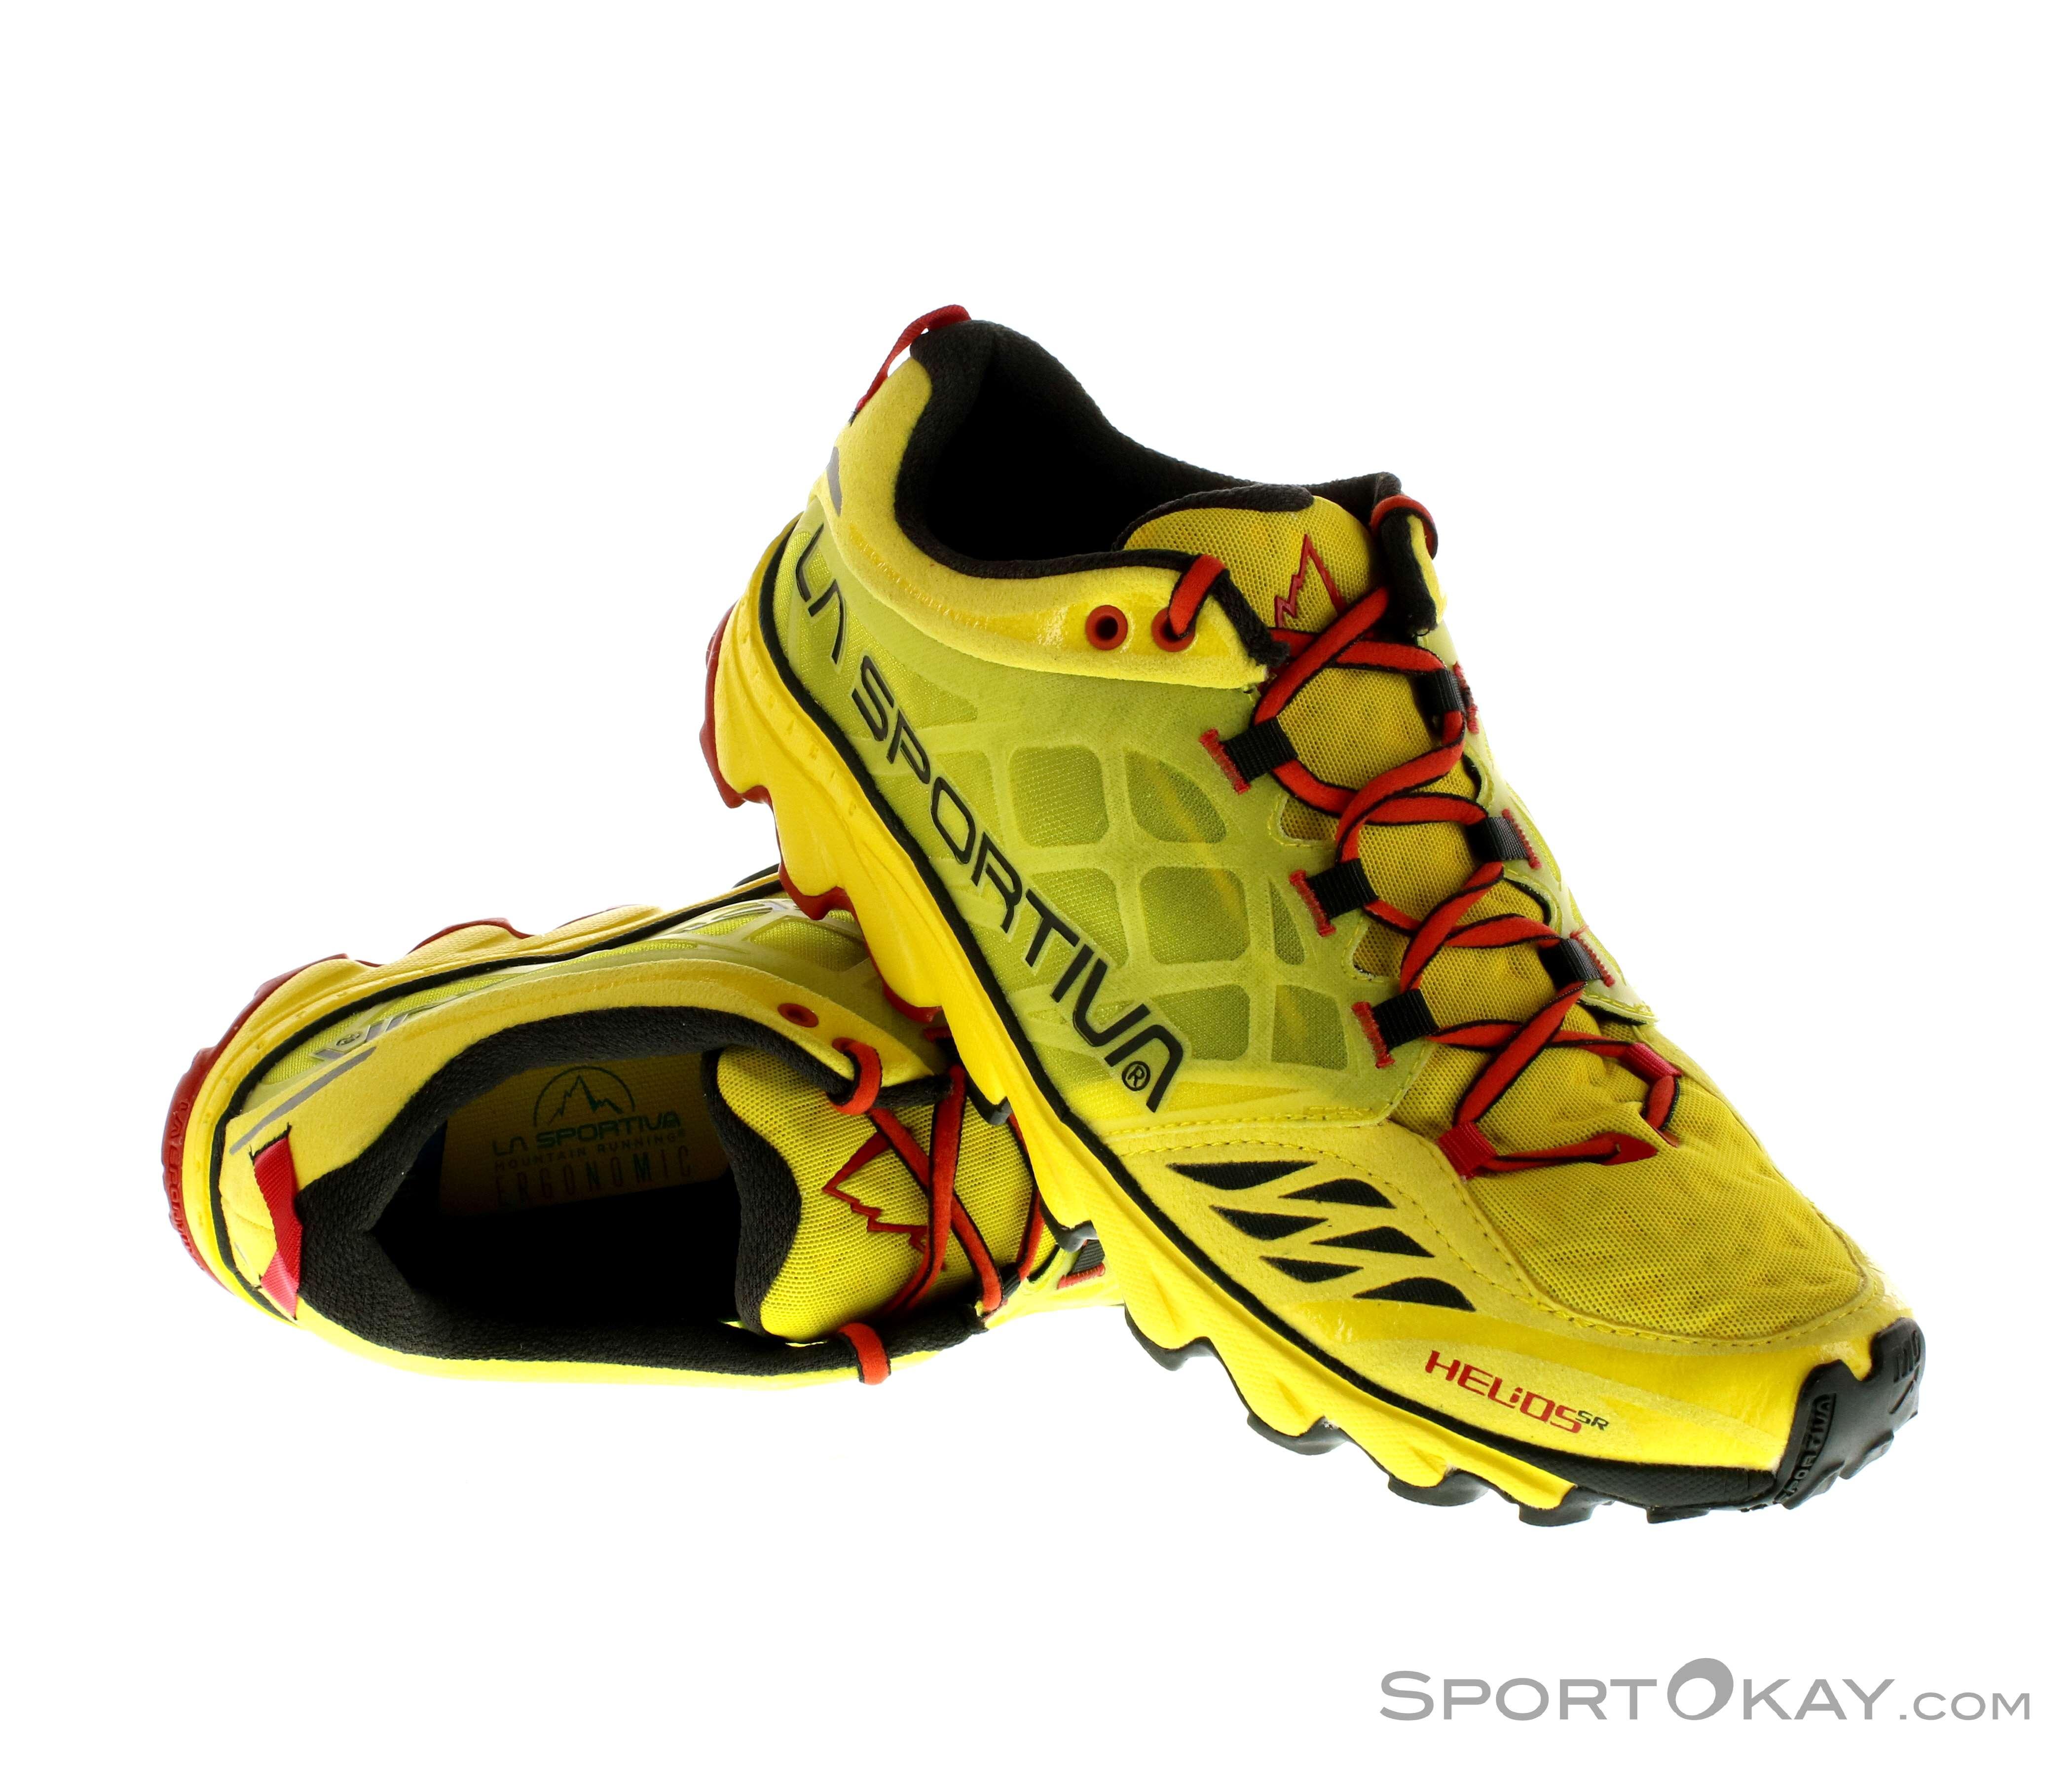 La Sportiva La Sportiva Helios SR Uomo Scarpe da Trail Running